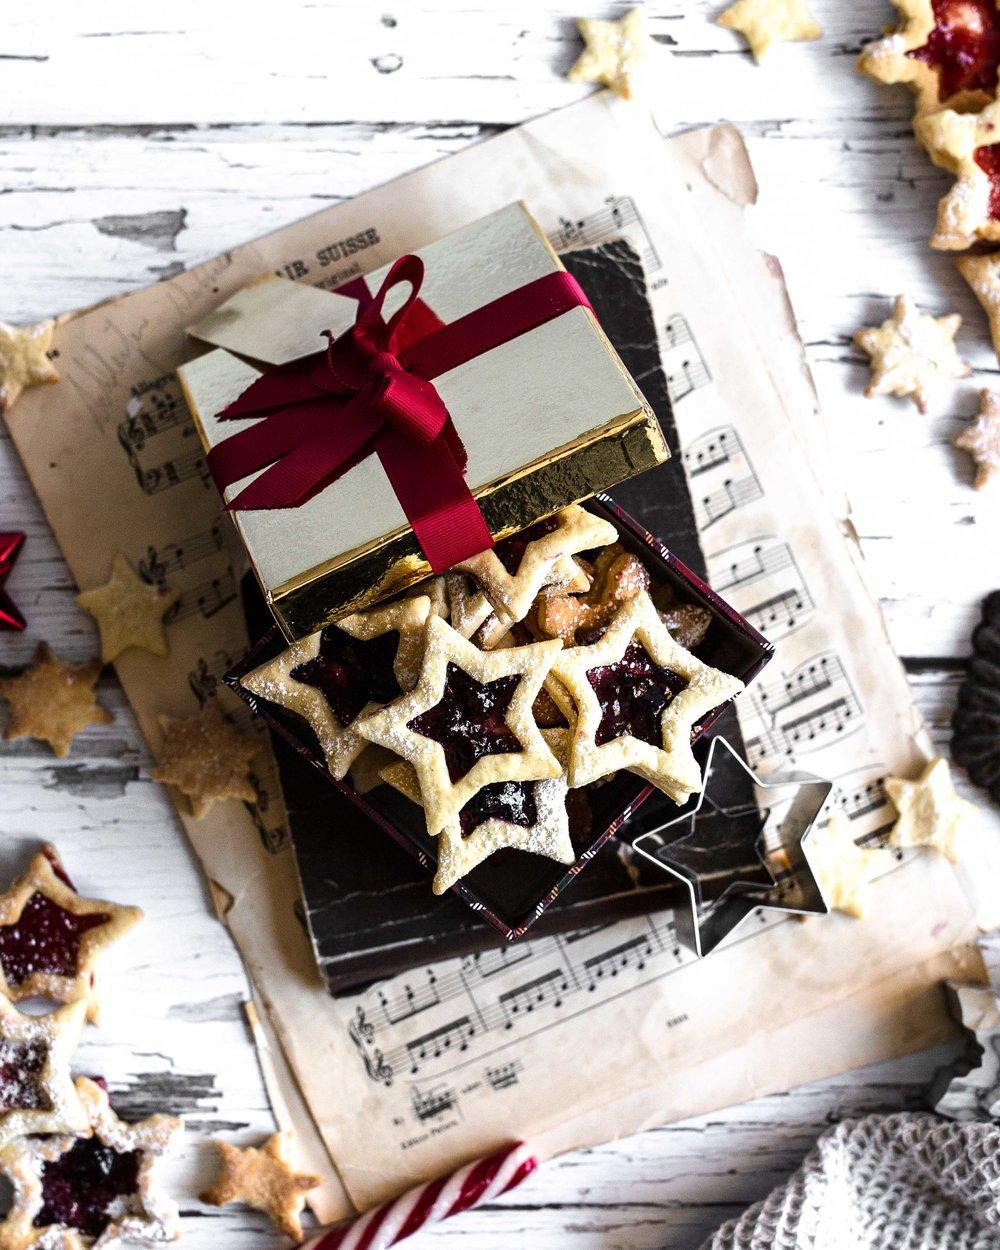 Foodfotografie Kekse Weihnachten